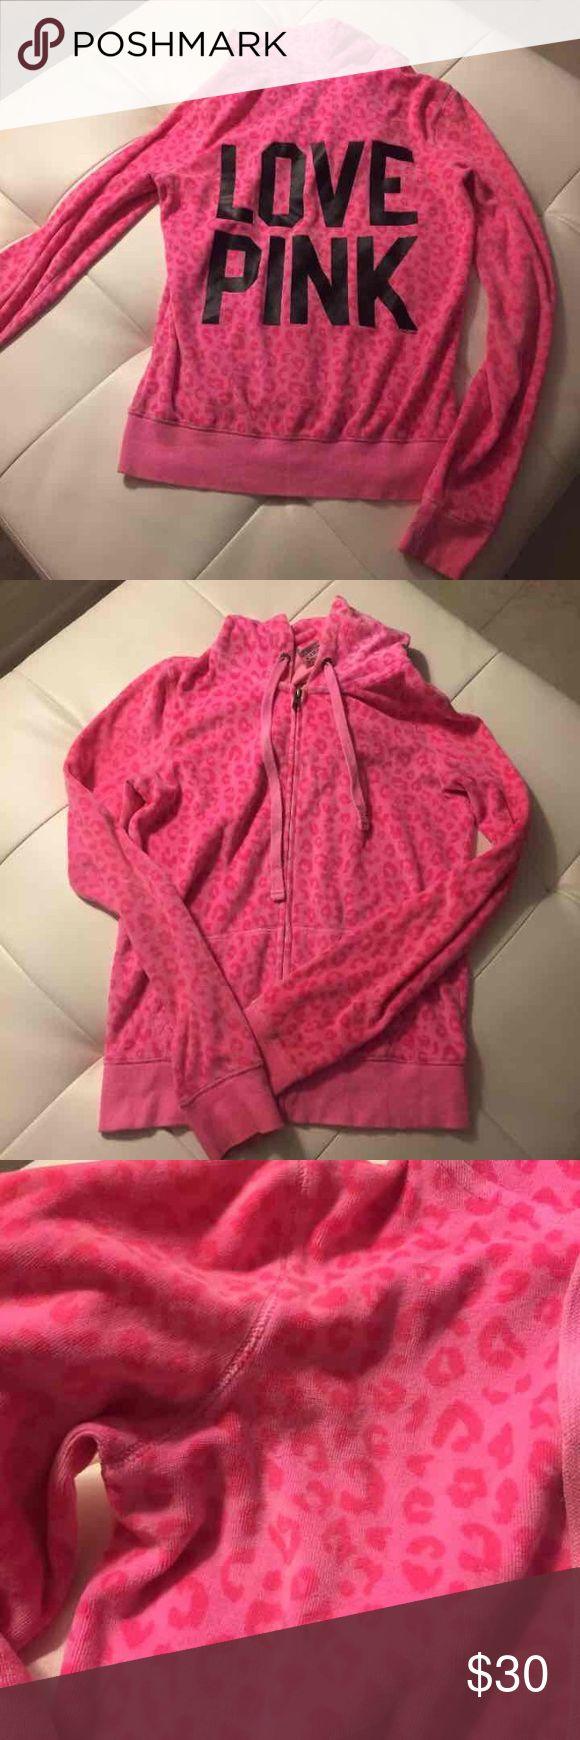 Victoria's Secret pink zip up hoodie Pink leopard zip up hoodie. Victoria's Secret pink. Size XS PINK Victoria's Secret Jackets & Coats